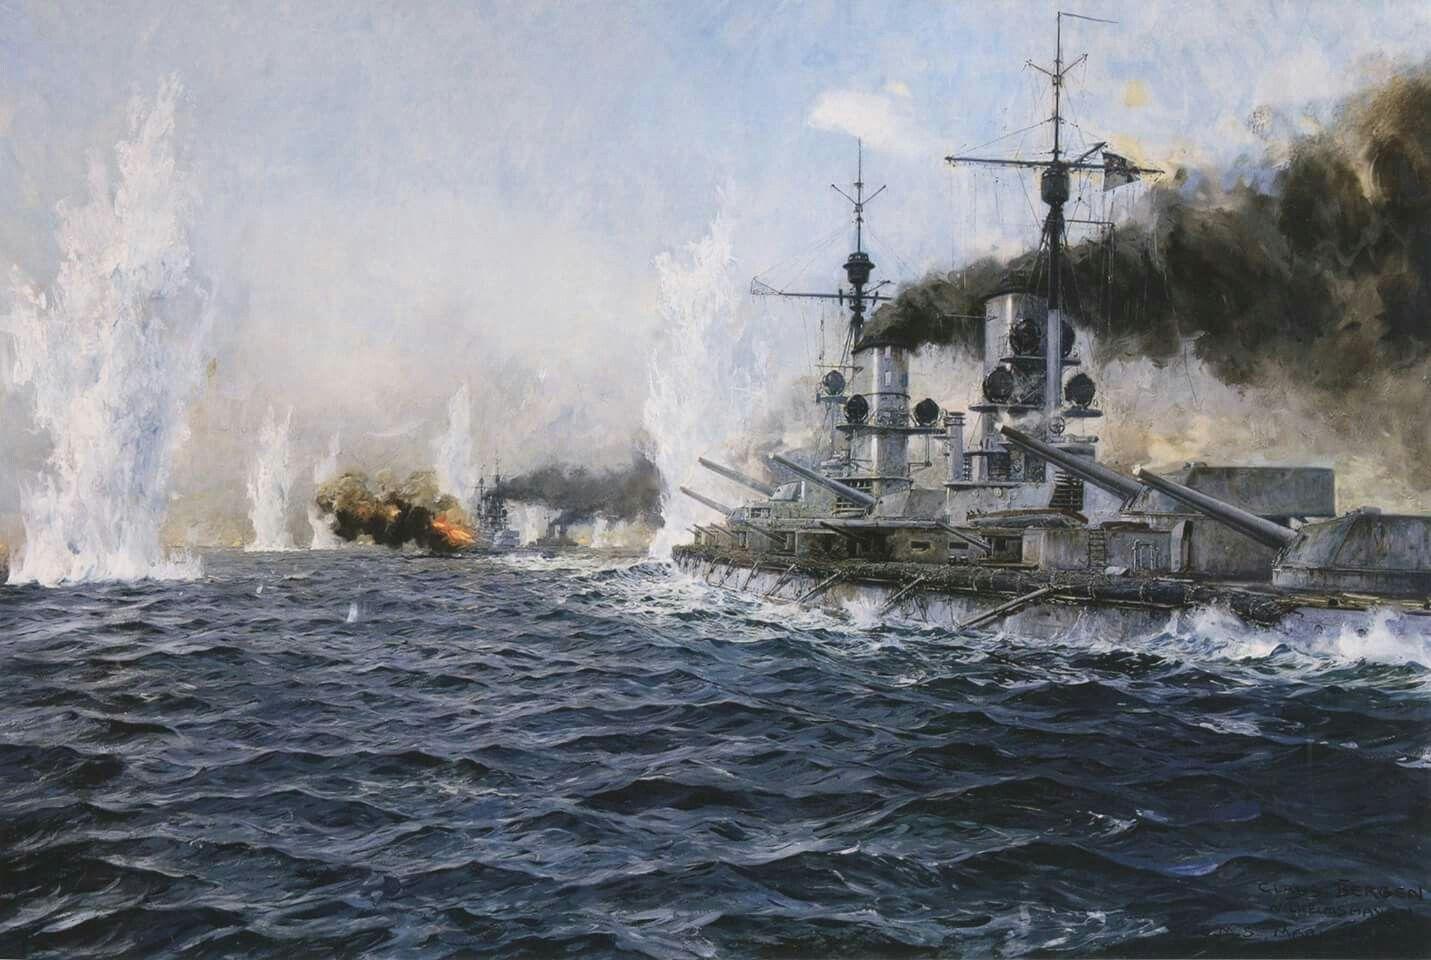 девушки могут картинки крейсеров первой мировой изображения хорошего